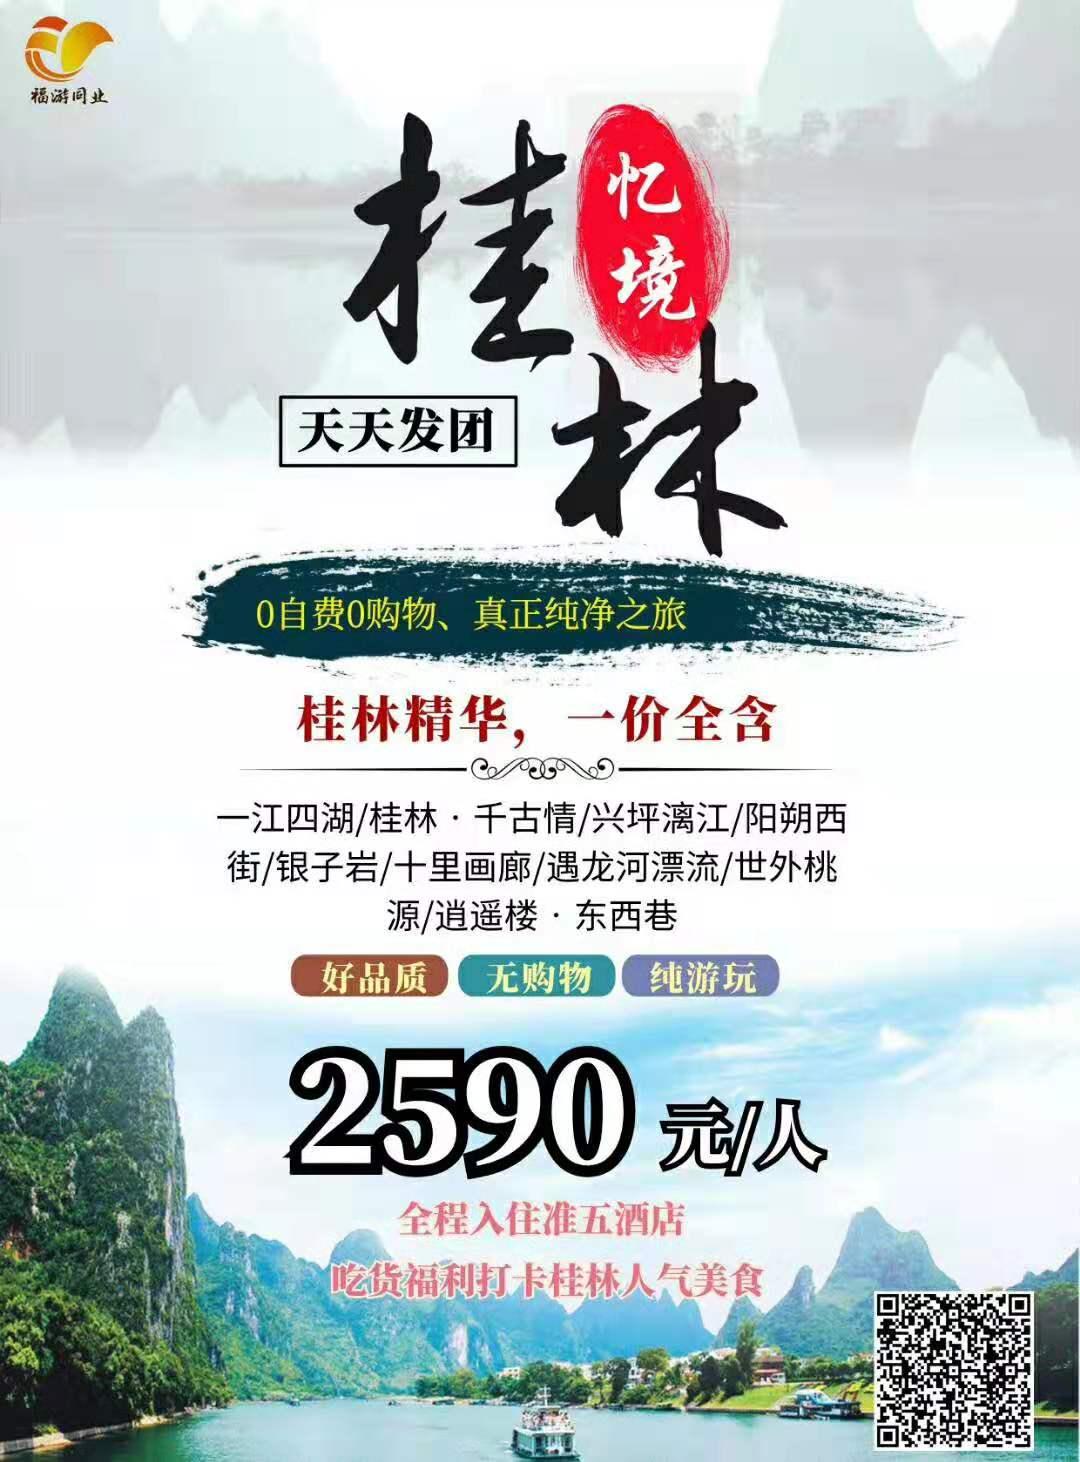 国内团建--桂林、普陀山